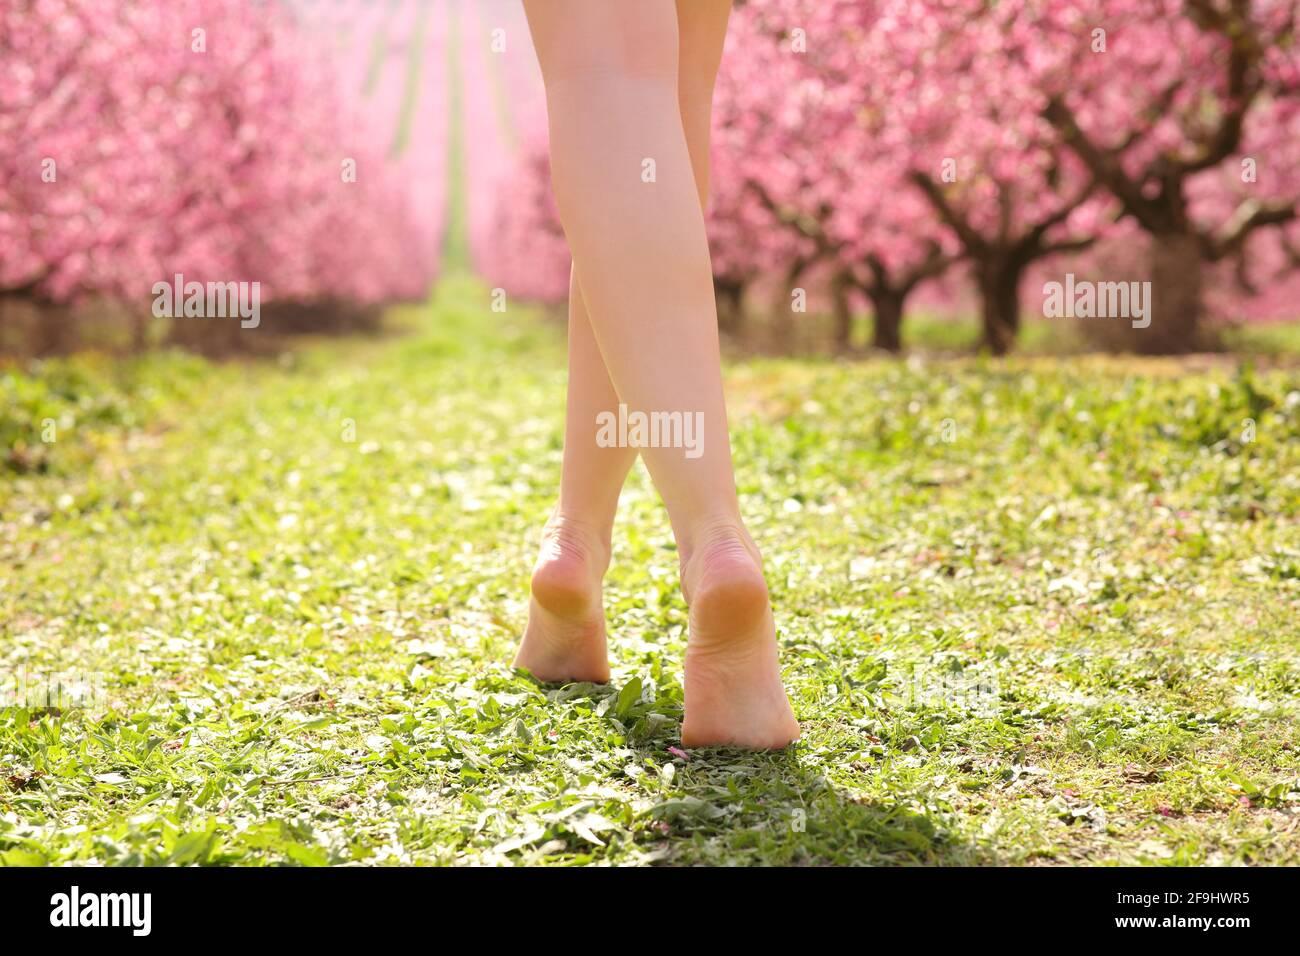 Rückansicht Porträt einer schönen Frau mit gewachsten Beinen beim Gehen In der Frühjahrssaison auf einem rosa blühenden Feld Stockfoto